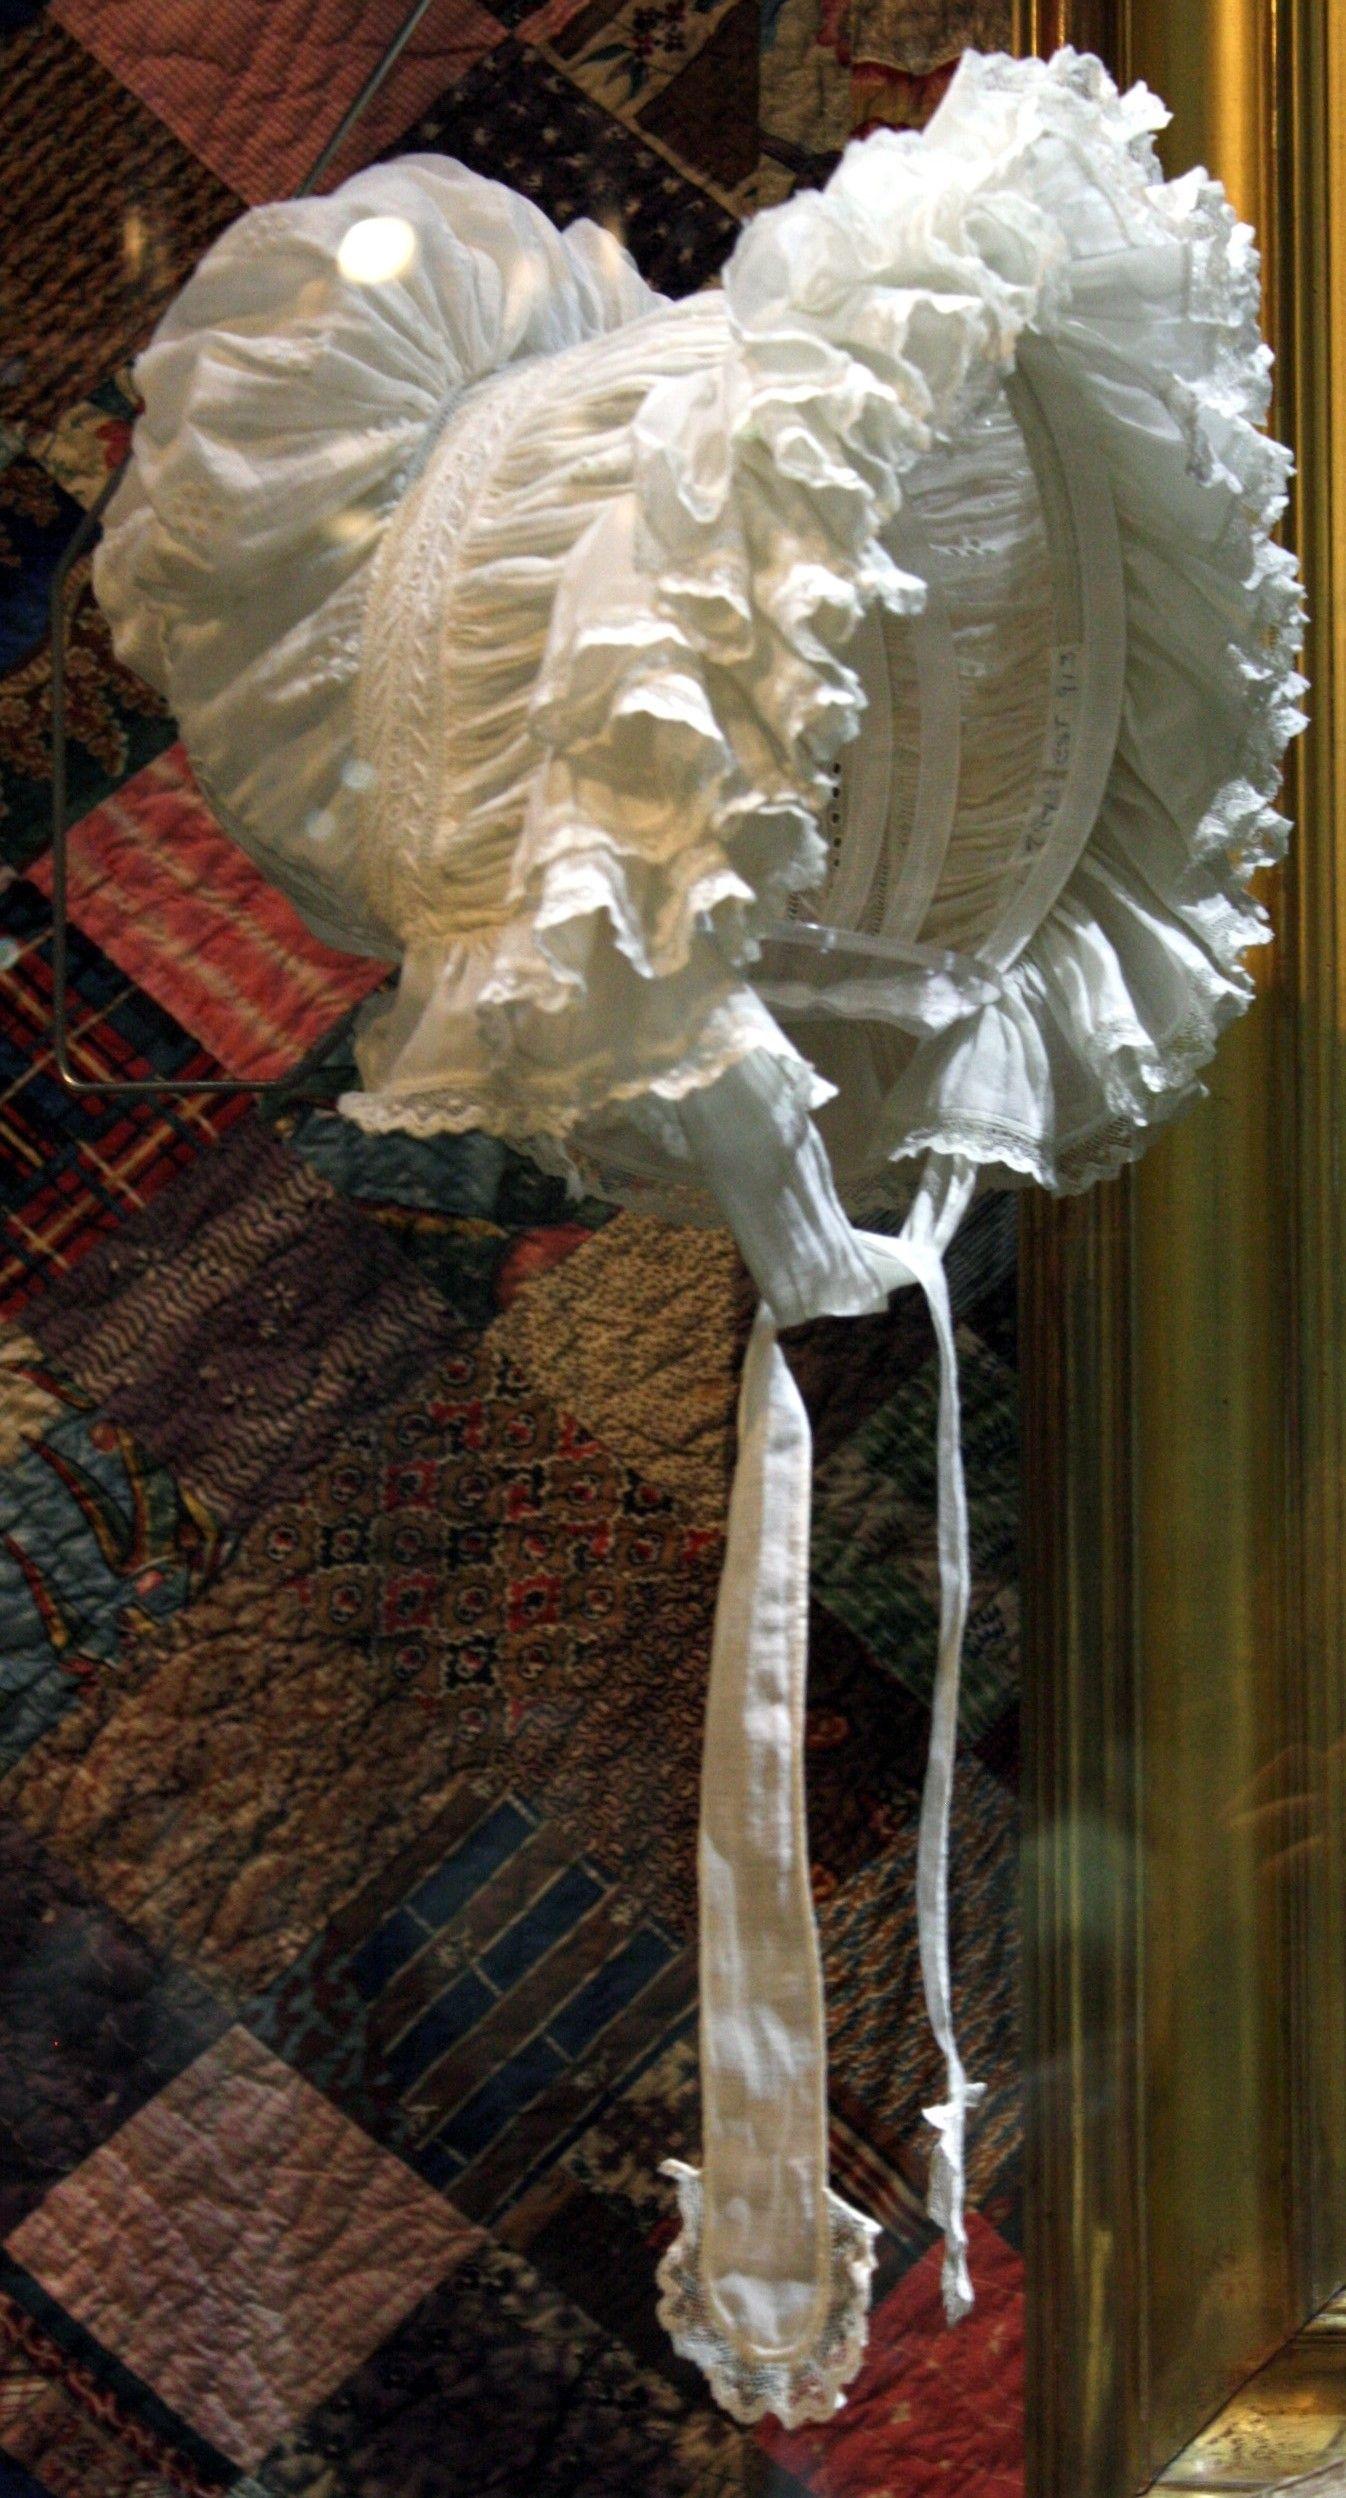 Pin by Aunt Georgie on Regency Accessories | Pinterest | Regency ...